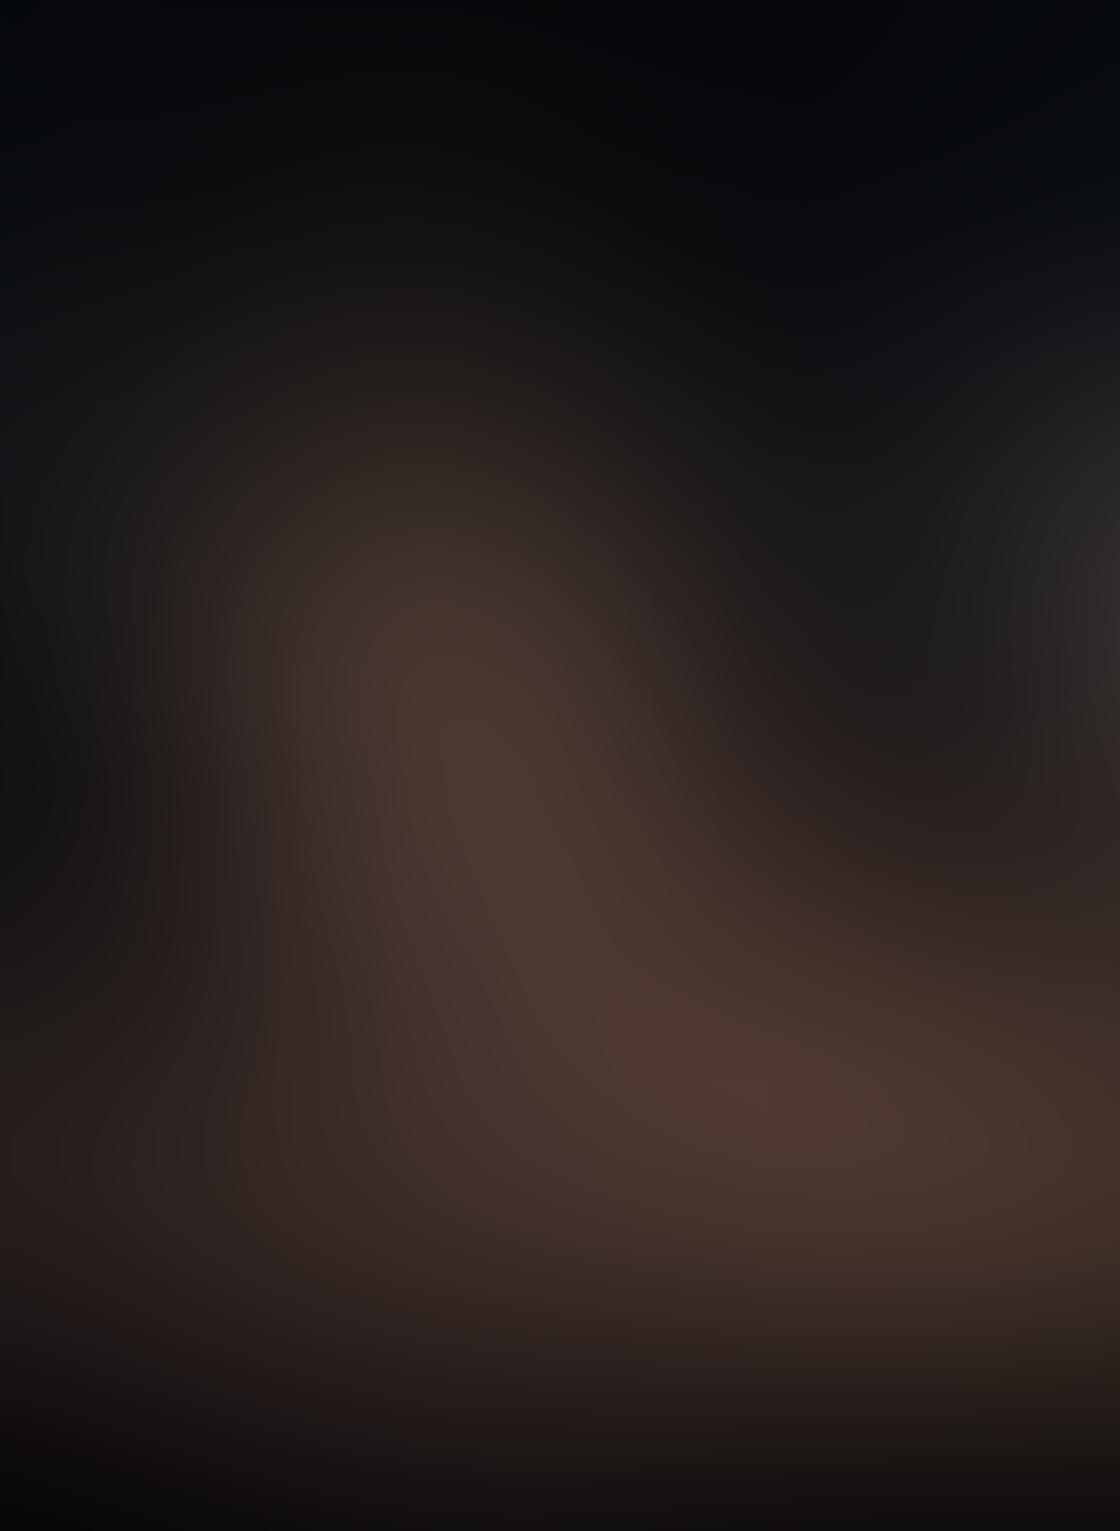 iPhone Photos Low Light 18